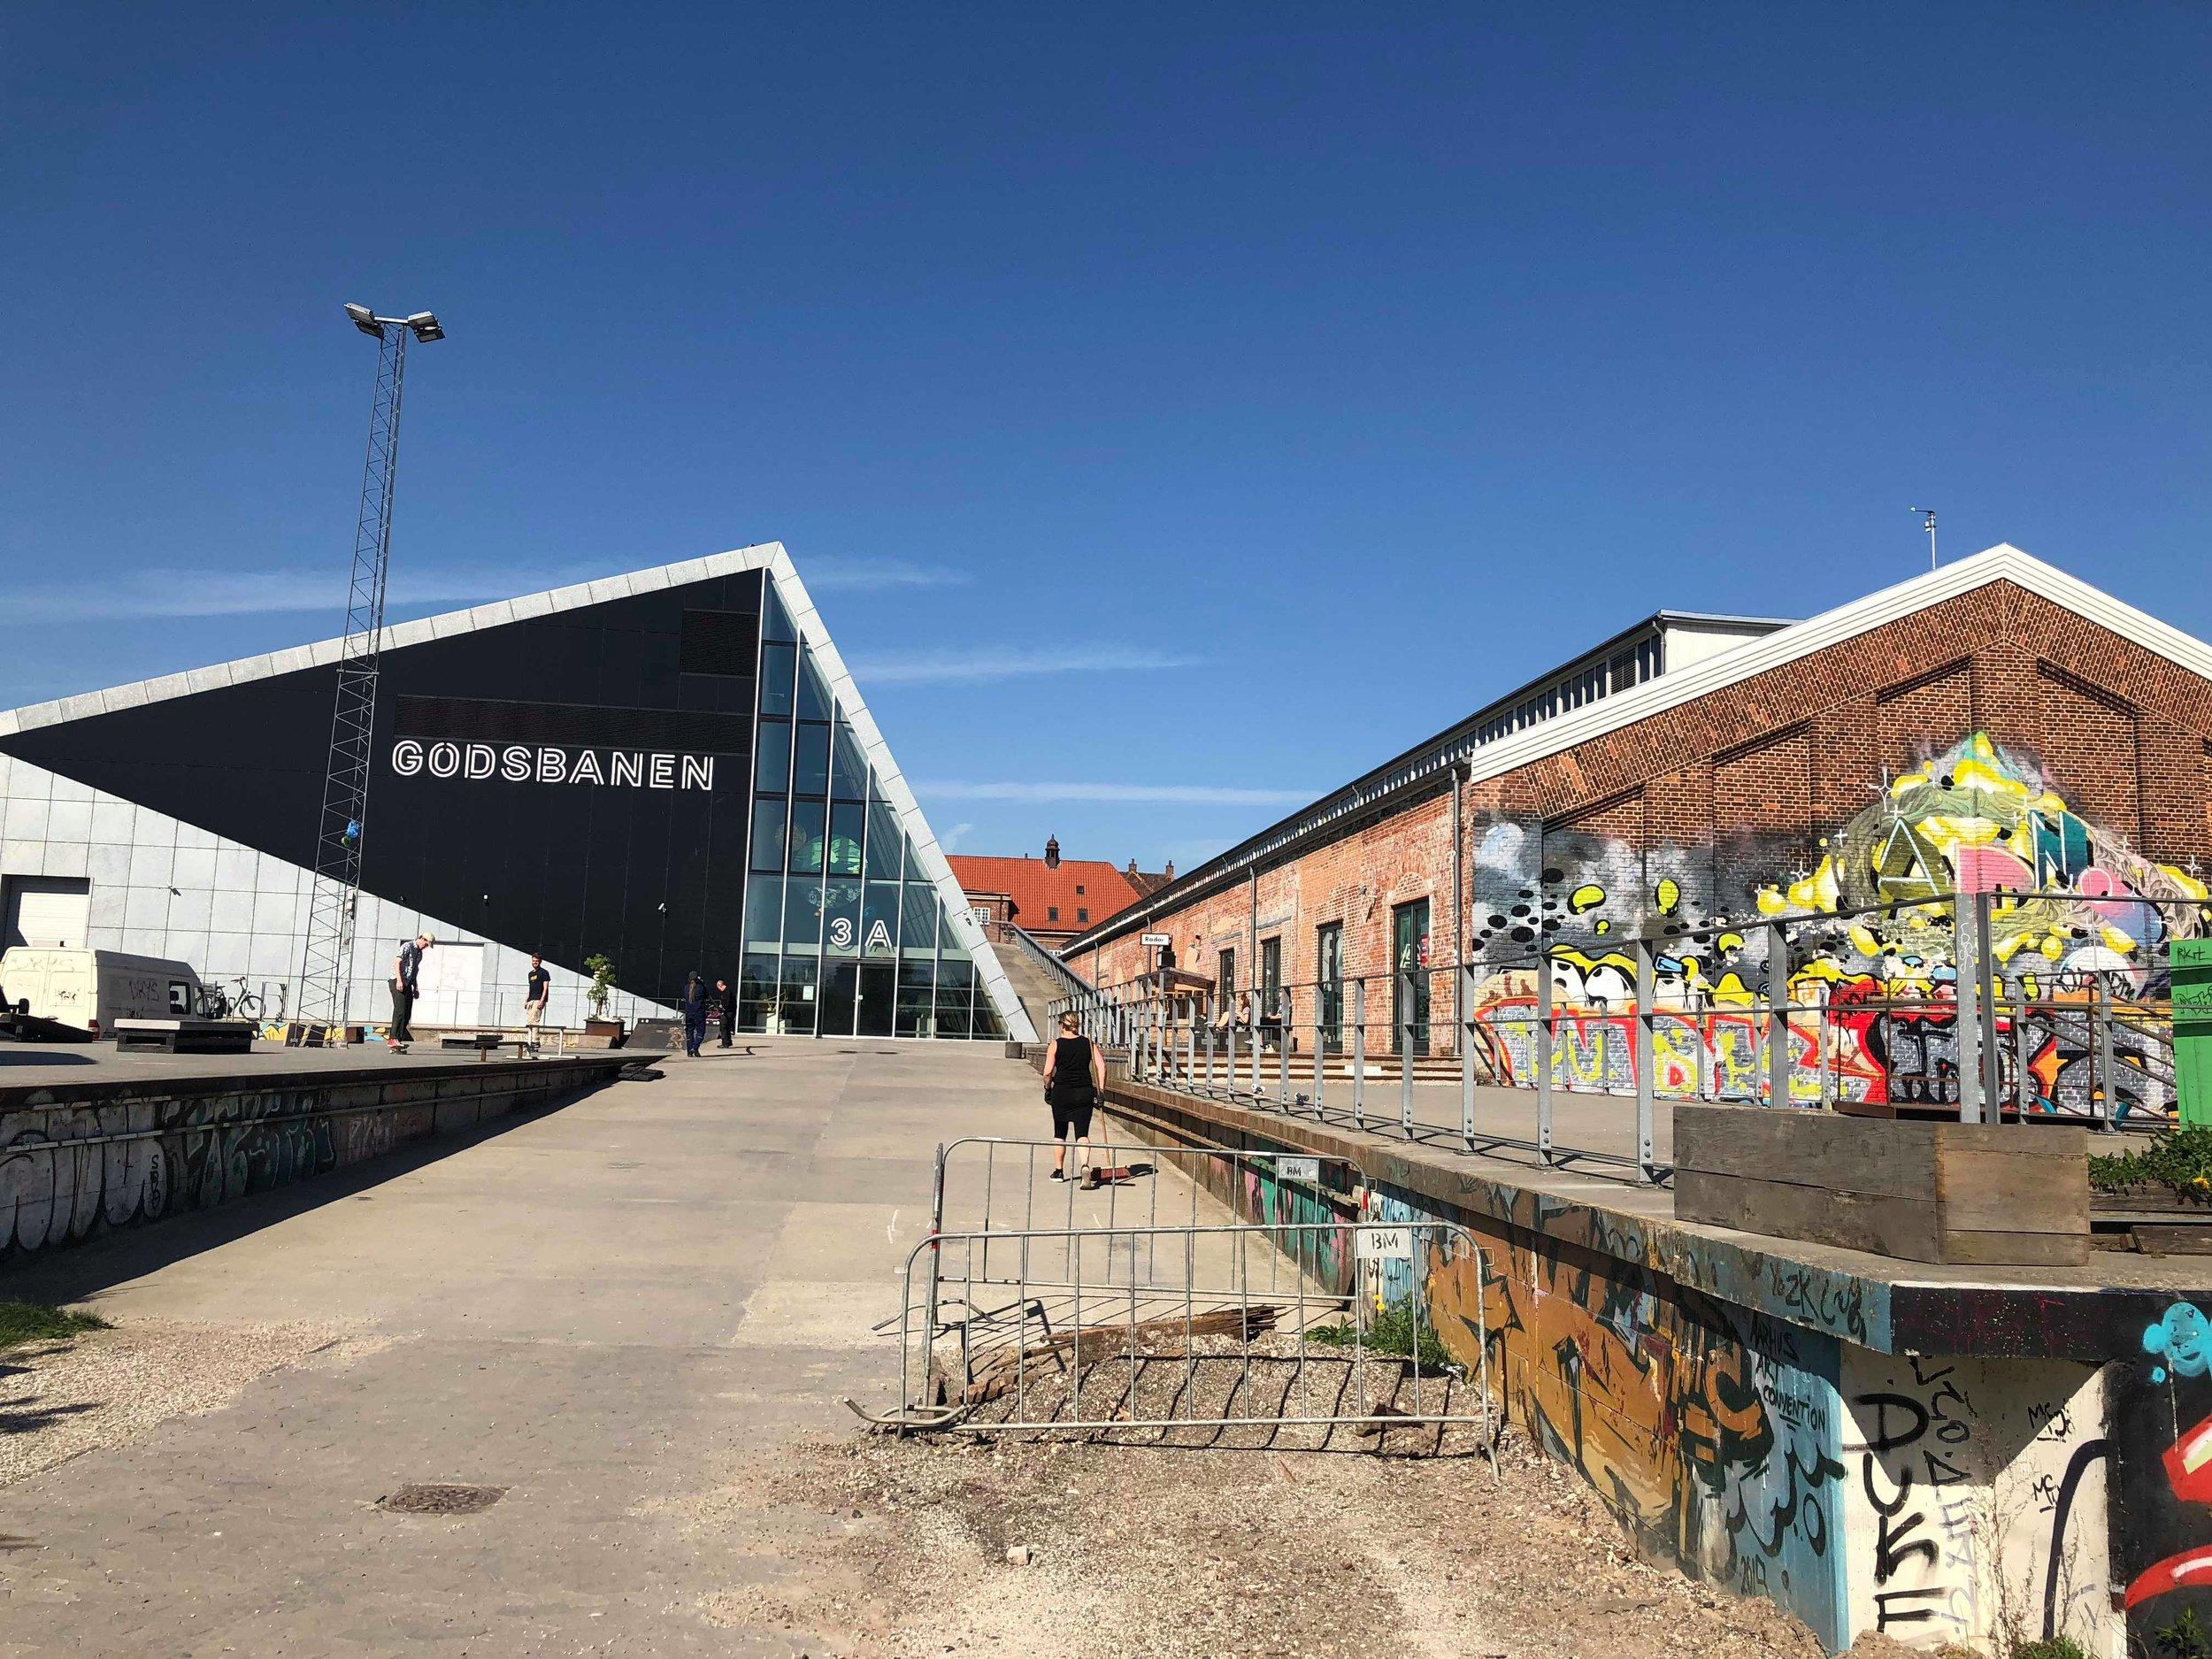 Godsbanen and the skate park